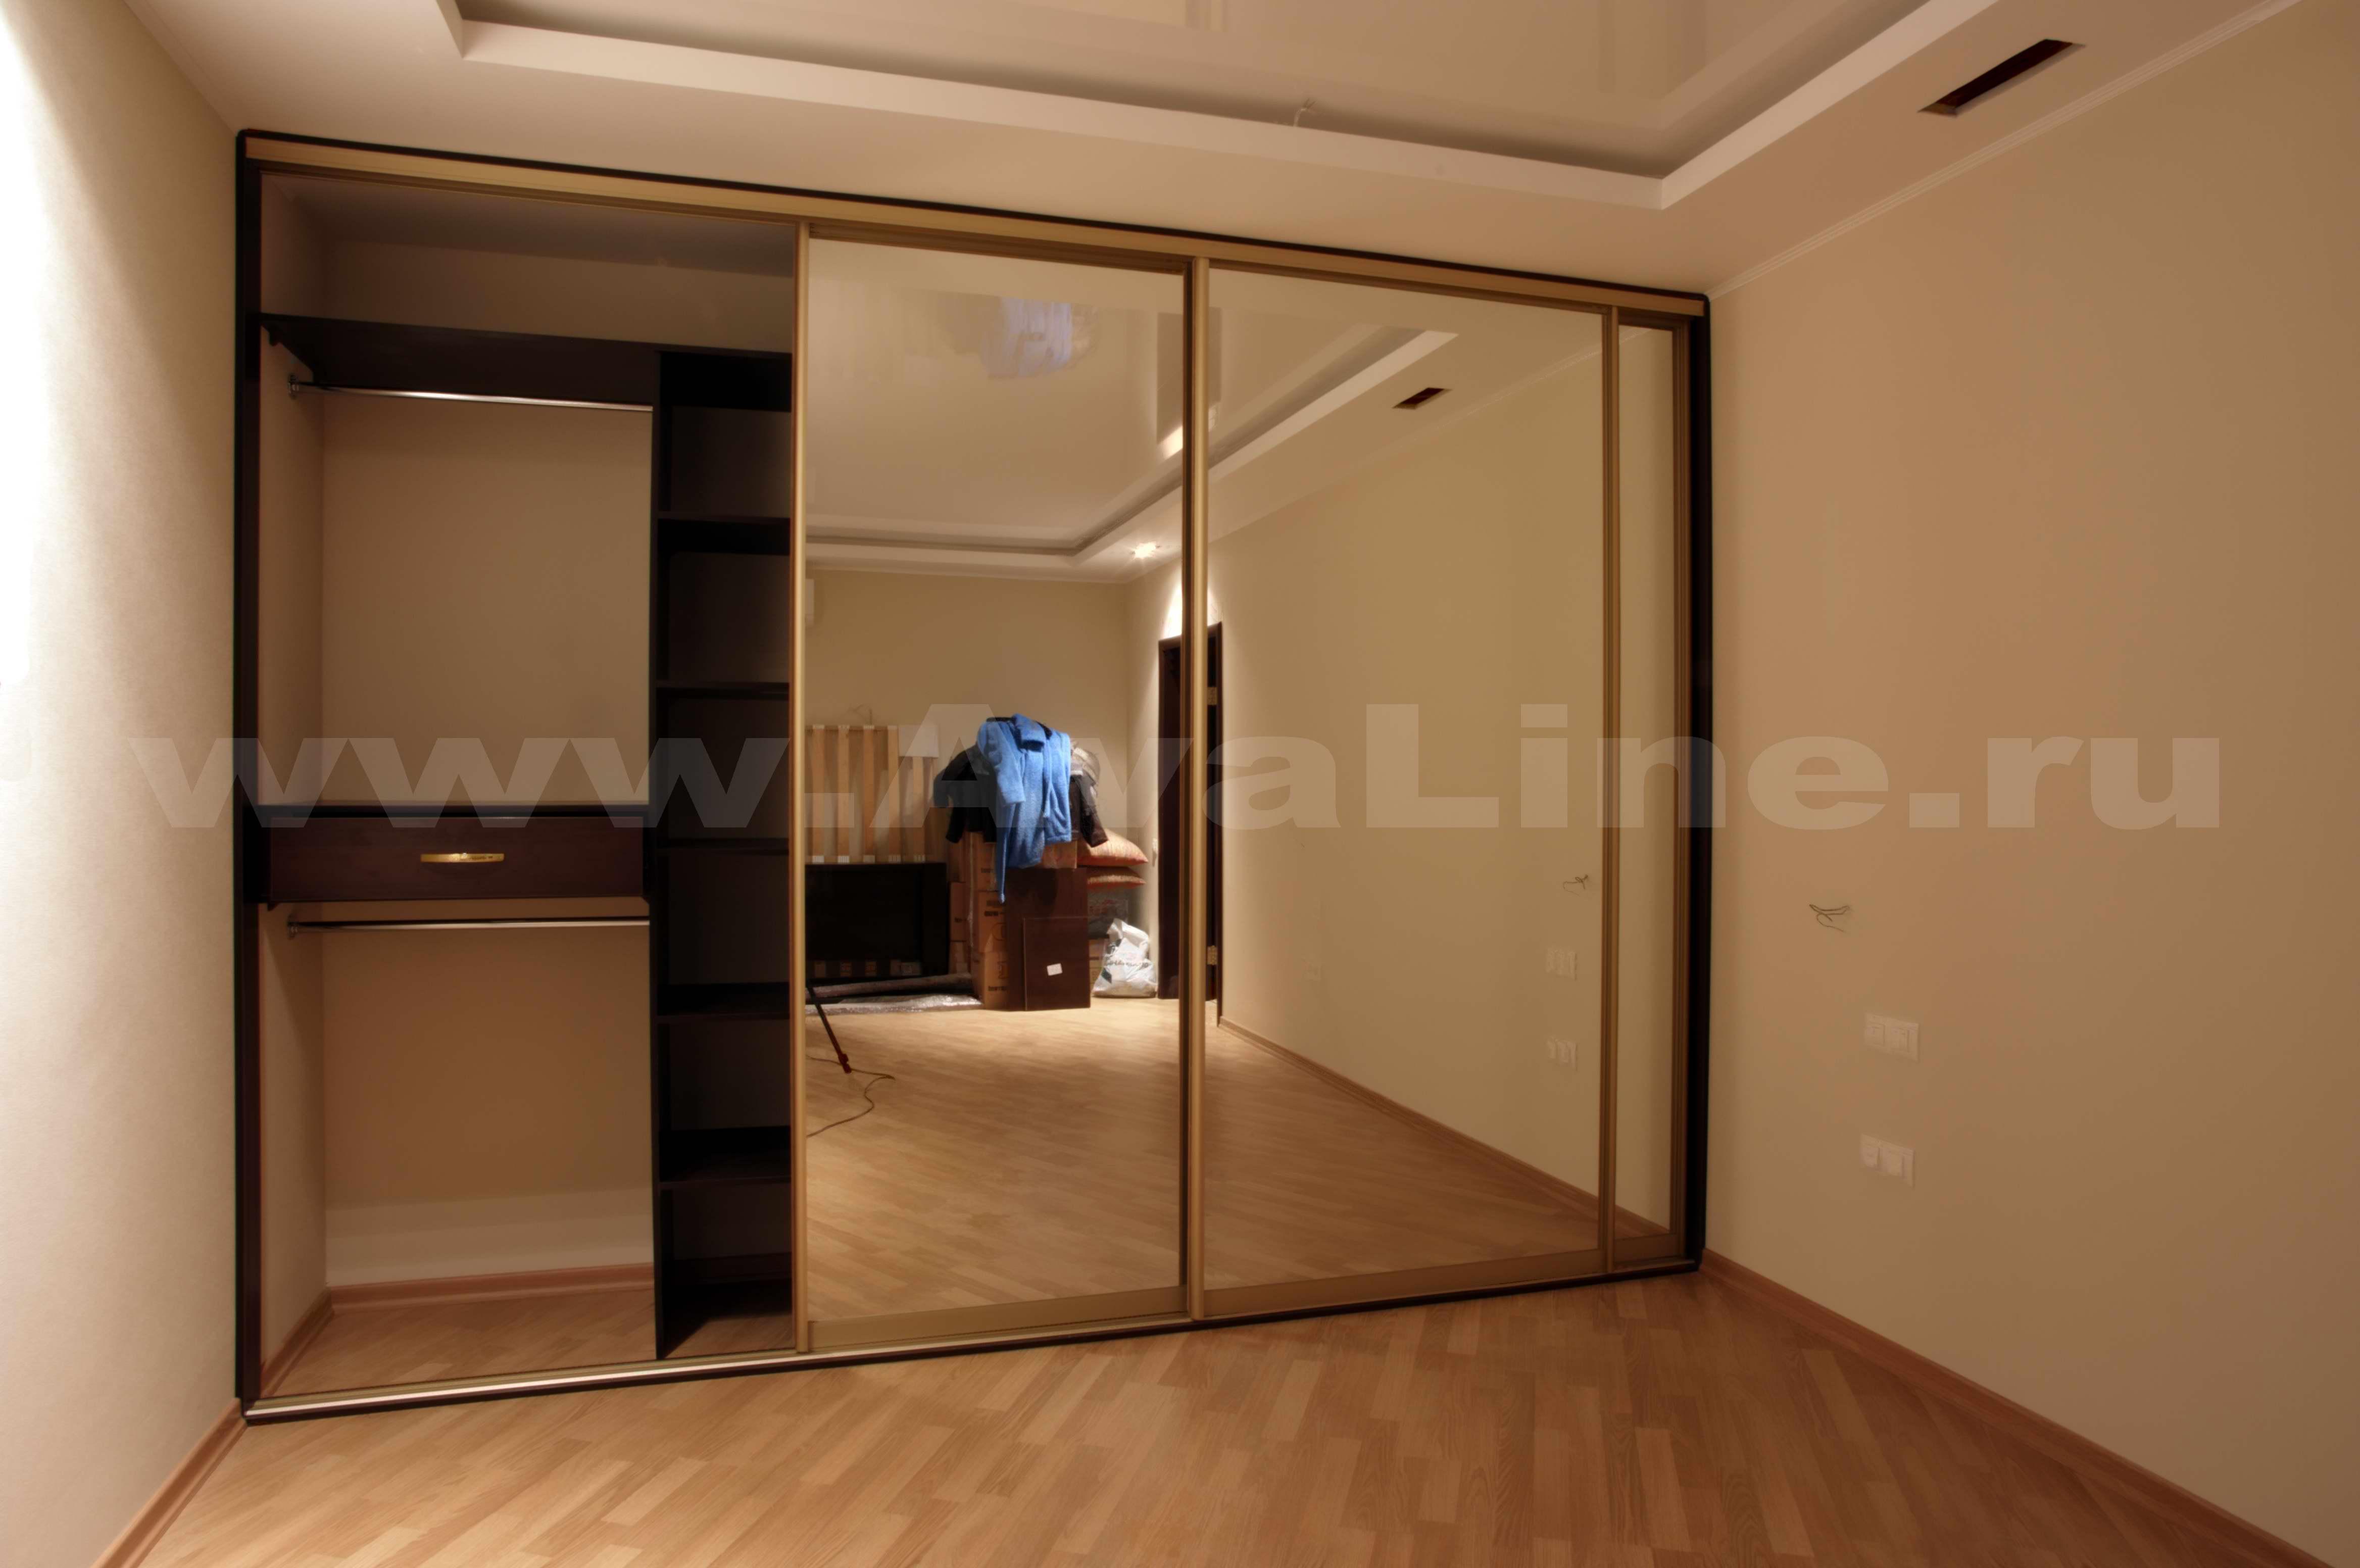 Двери купе в комнату фото